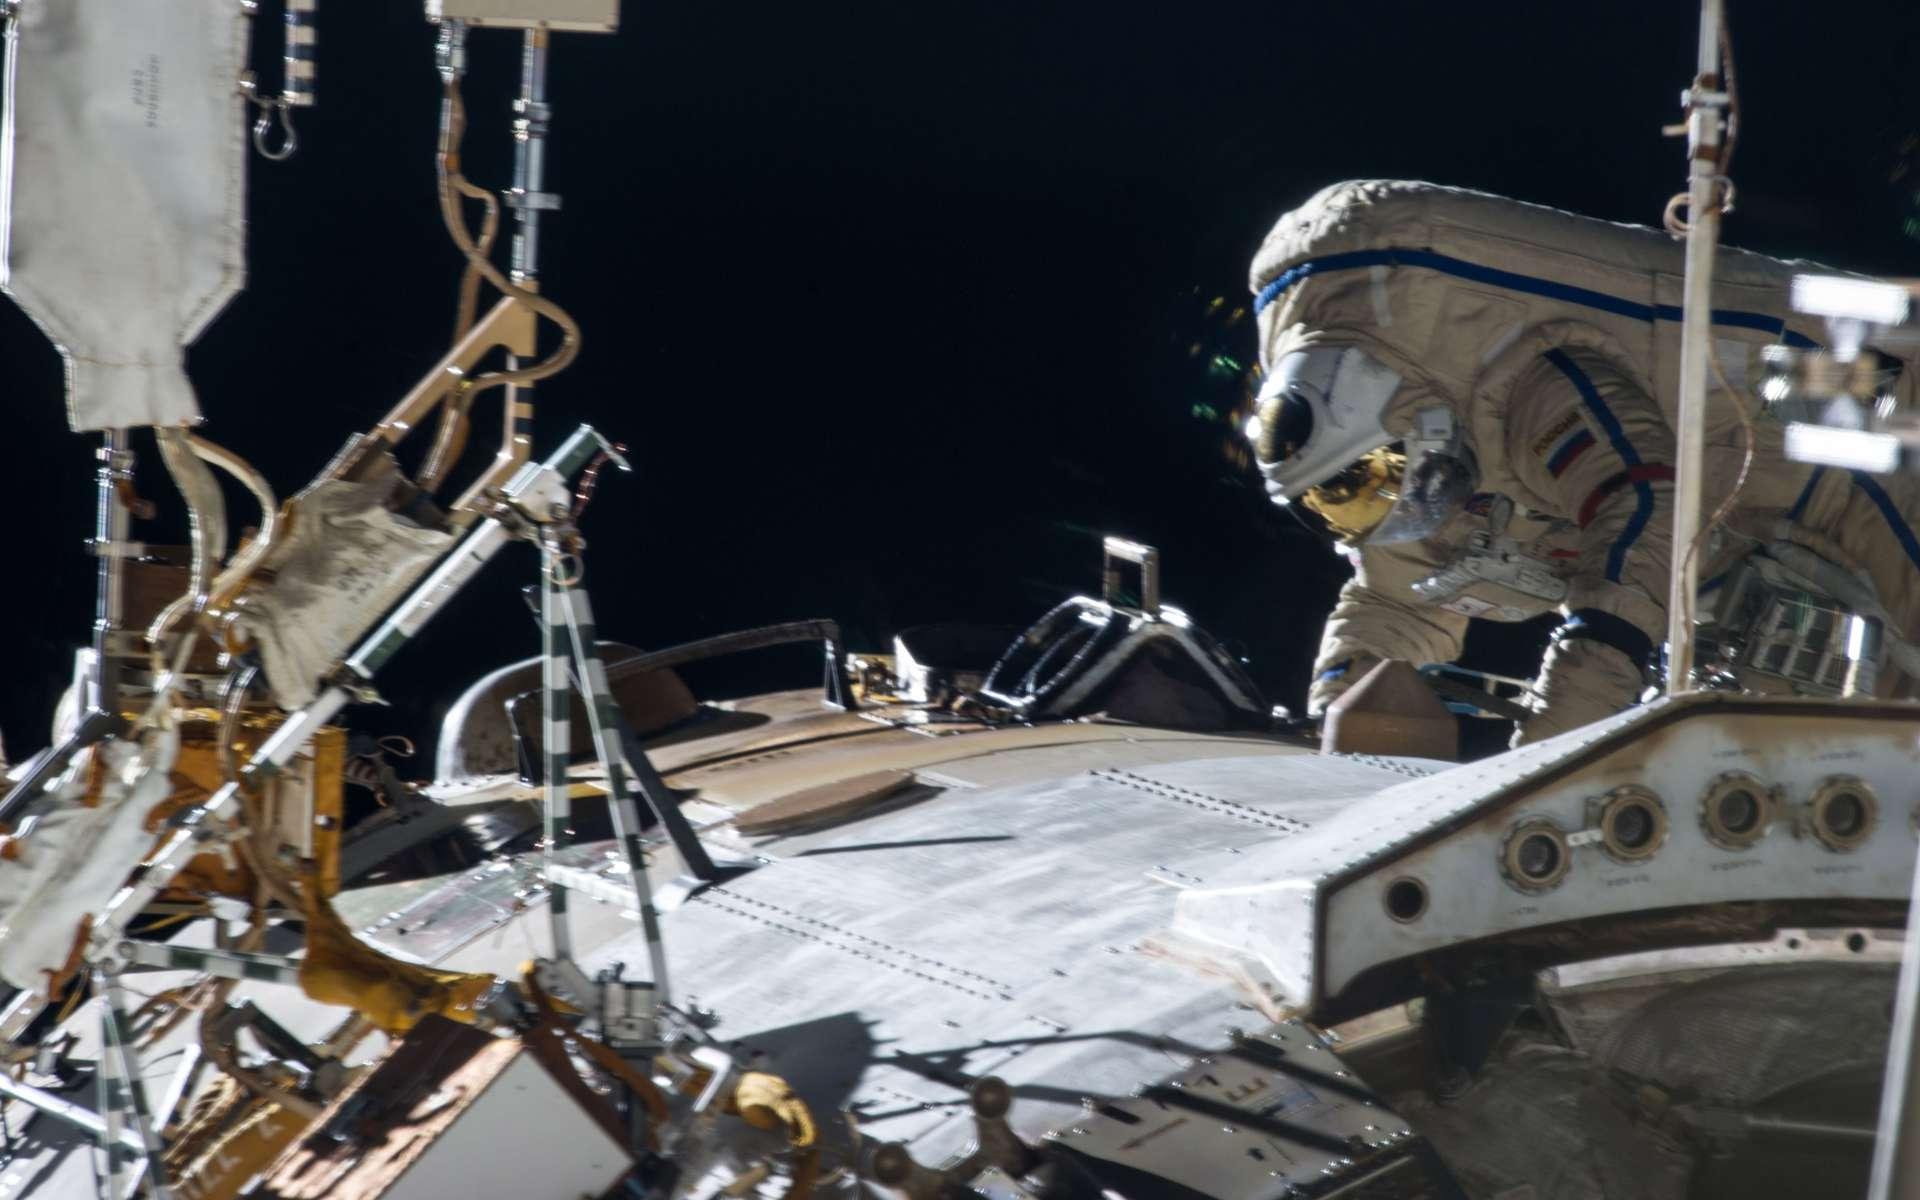 Le cosmonaute Pavel Vinogradov, avec dorénavant sept sorties dans l'espace à son actif, soit un total de plus de 38 heures et 25 minutes, a battu un record : il est le cosmonaute le plus âgé à avoir effectué une activité extravéhiculaire (EVA ou extra-vehicular activity). Sa première sortie date de 1997, lorsqu'il était en activité à bord de la station russe Mir, aujourd'hui désorbitée. Il fêtera bientôt ses soixante ans à bord de la Station. © Nasa